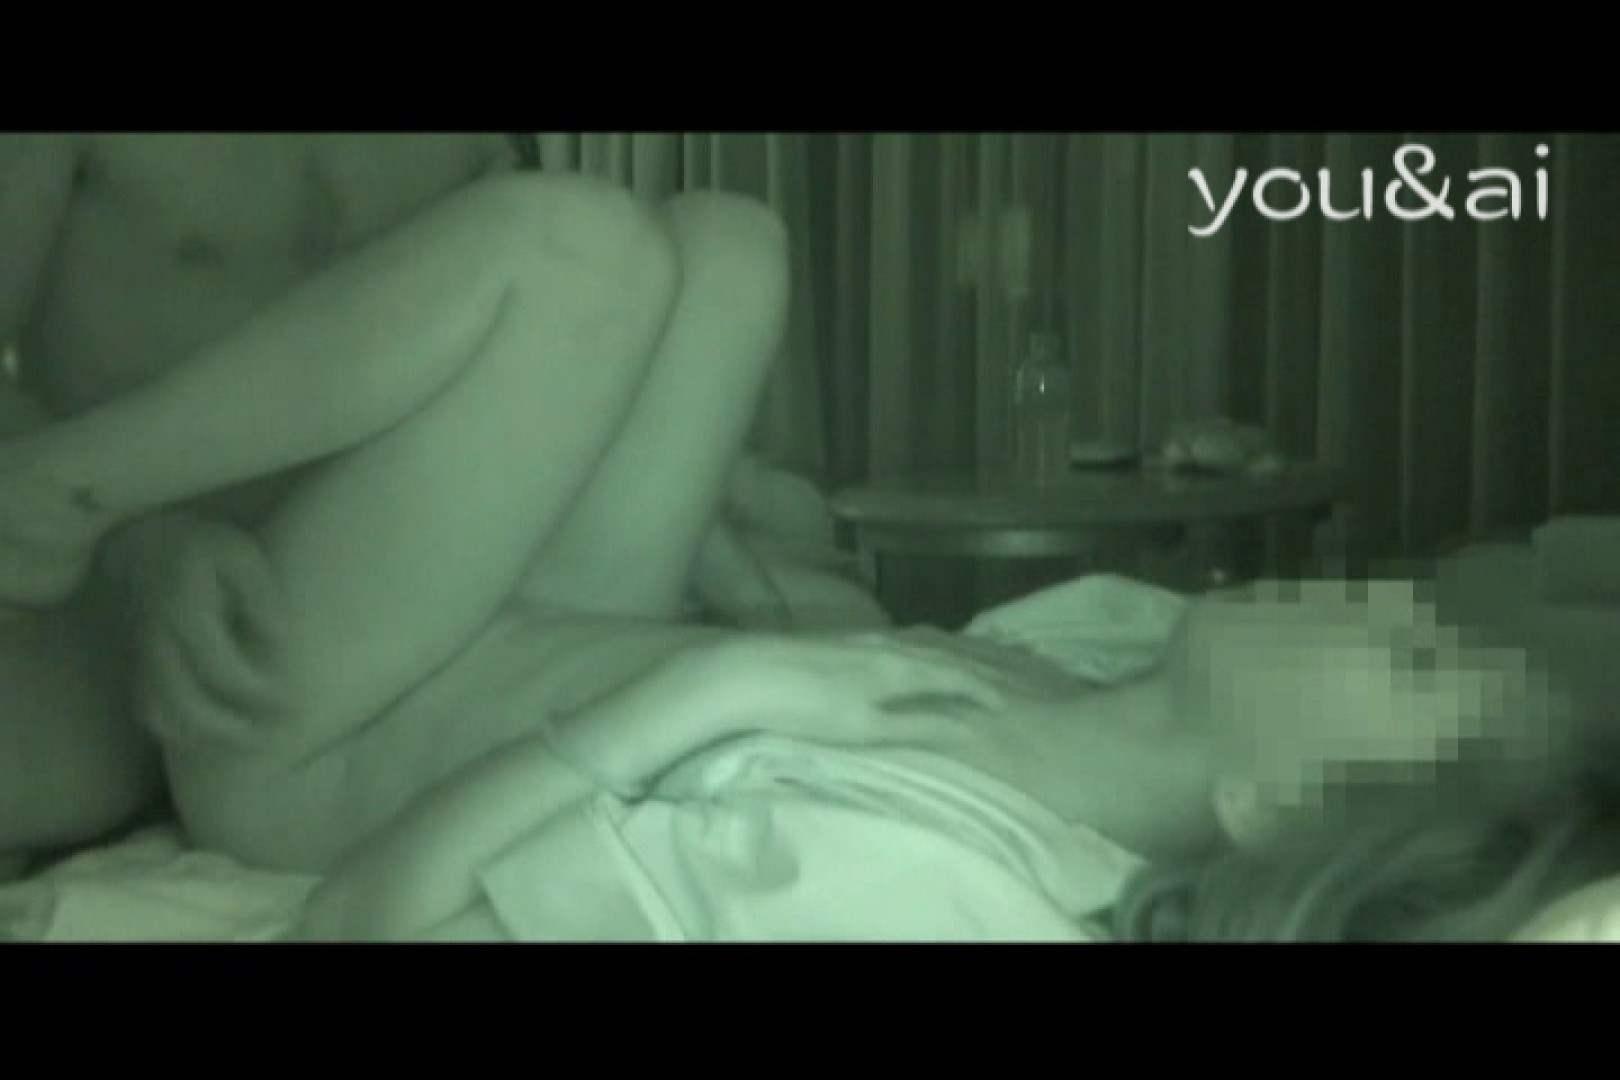 おしどり夫婦のyou&aiさん投稿作品vol.12 一般投稿 盗み撮り動画 81枚 30